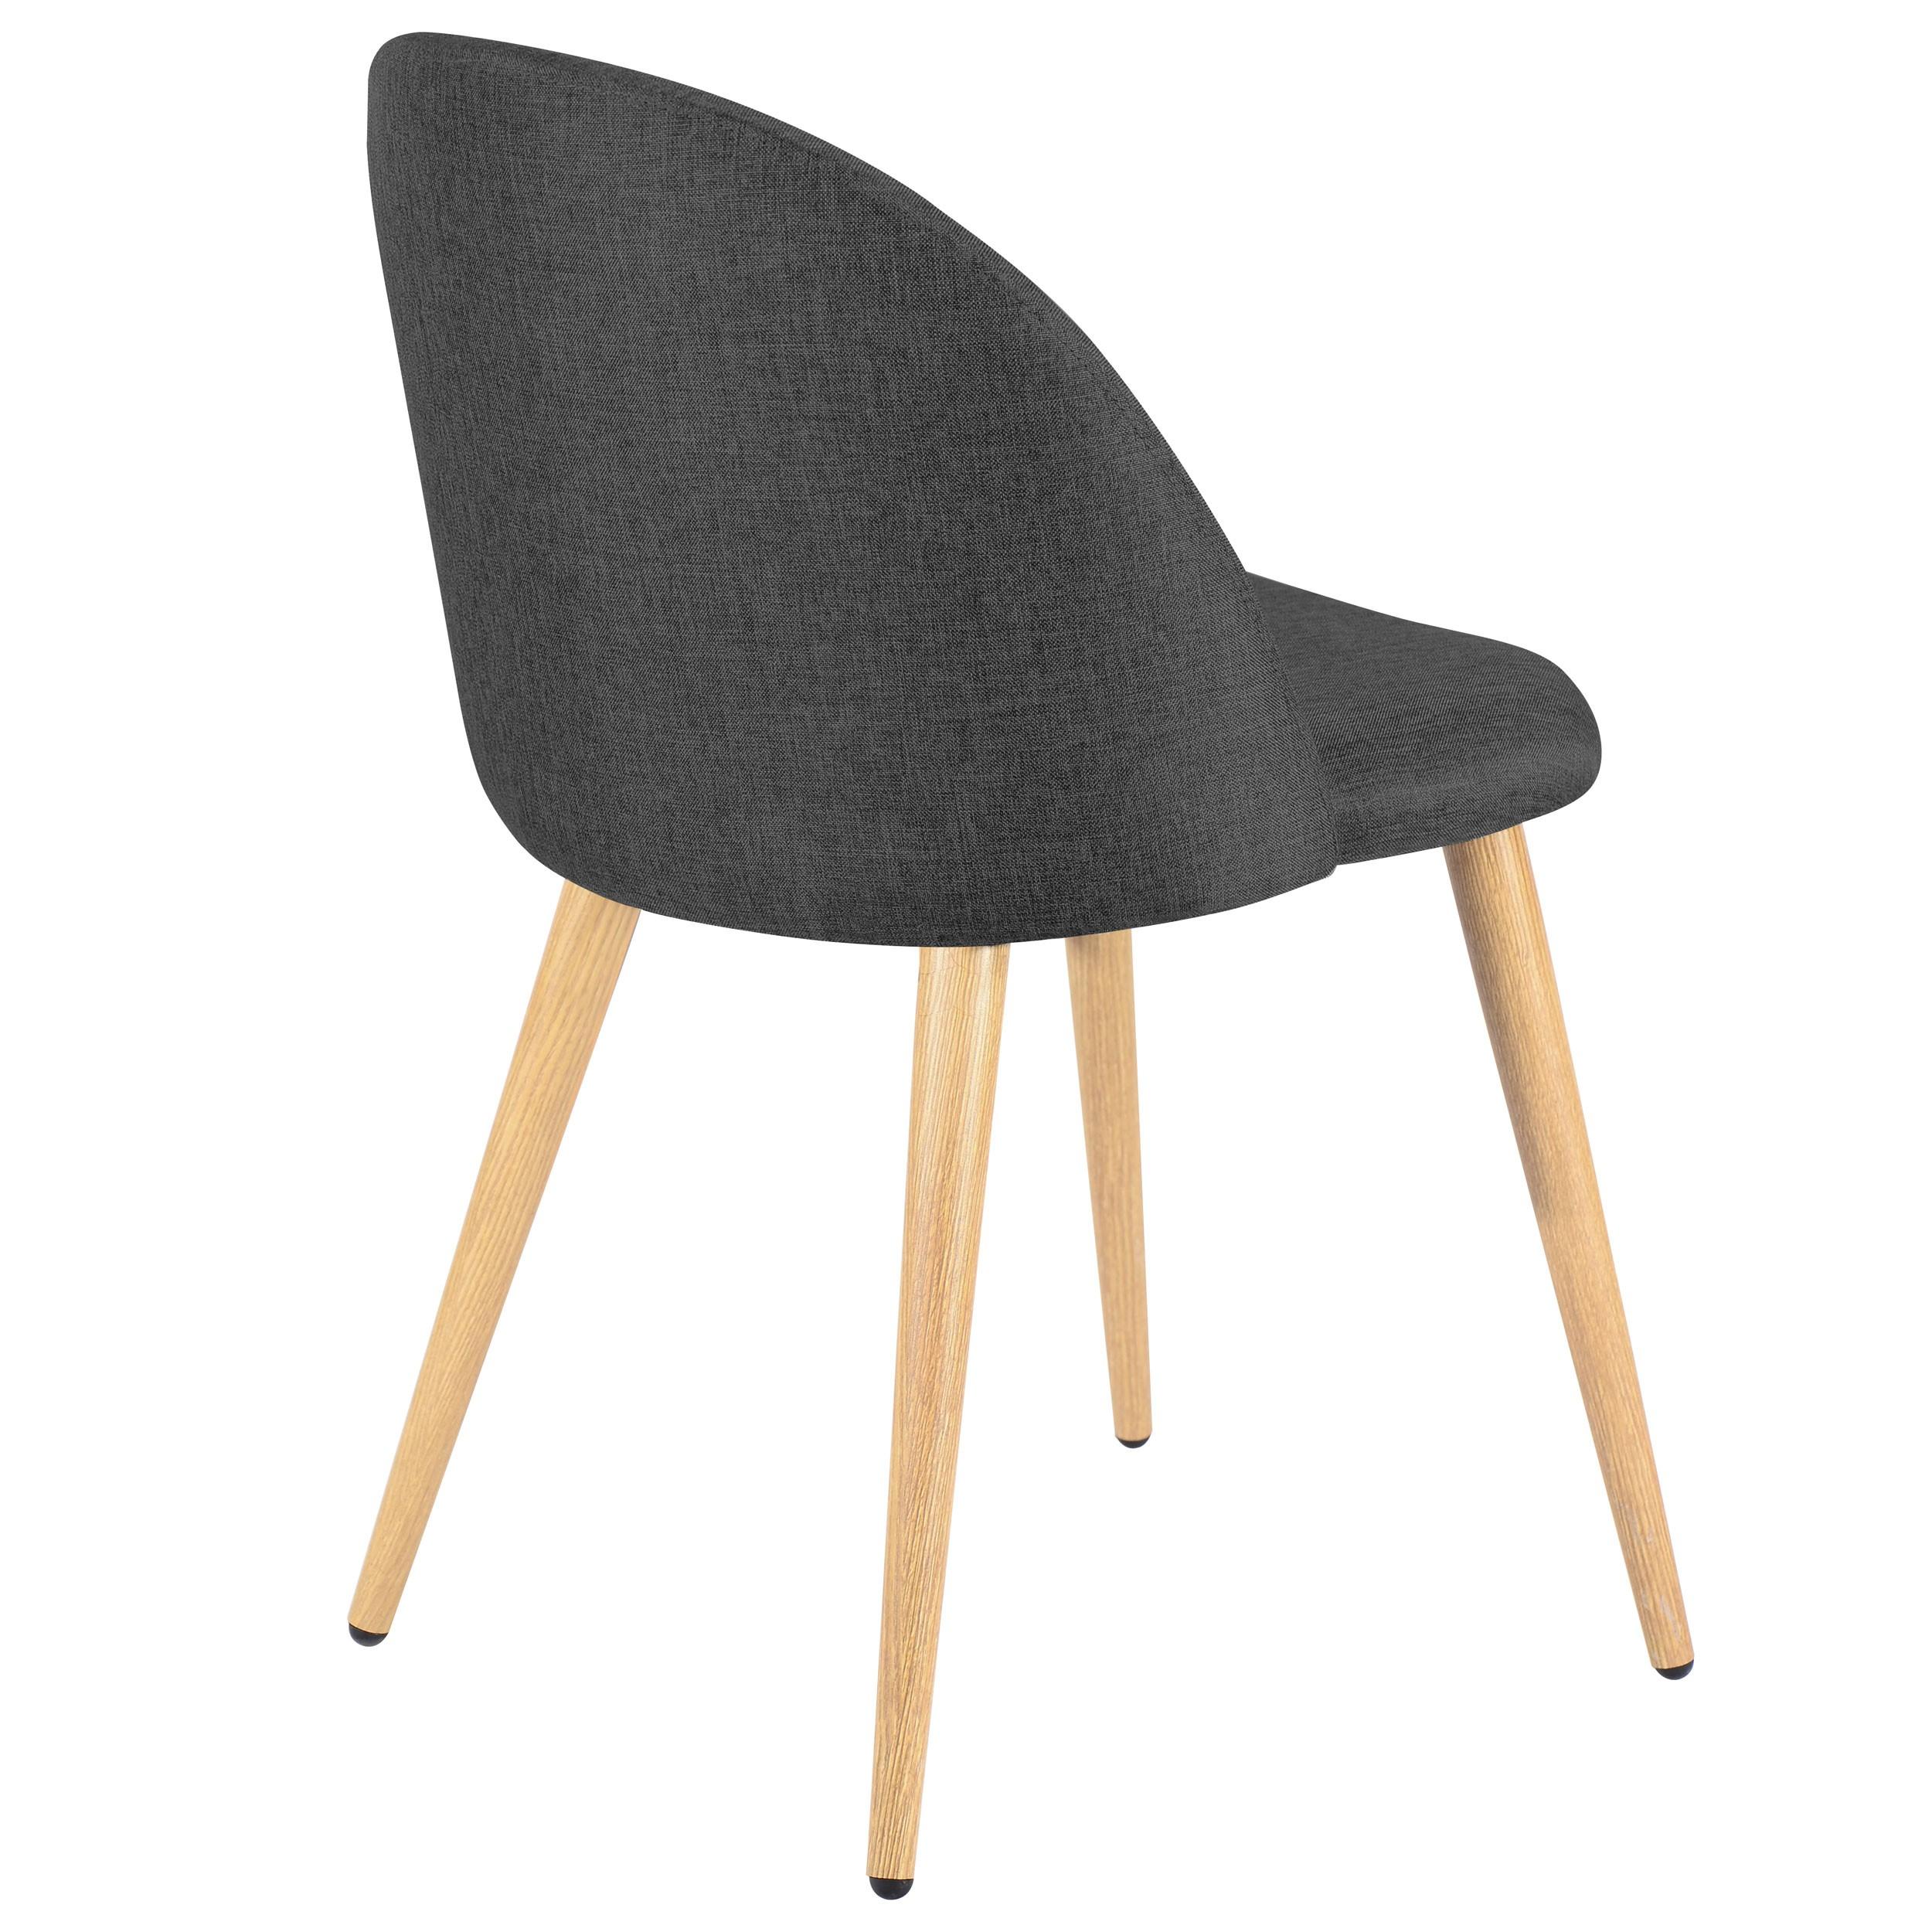 chaise cozy grise lot de 2 commandez nos chaises cozy grises lot de 2 rdv d co. Black Bedroom Furniture Sets. Home Design Ideas